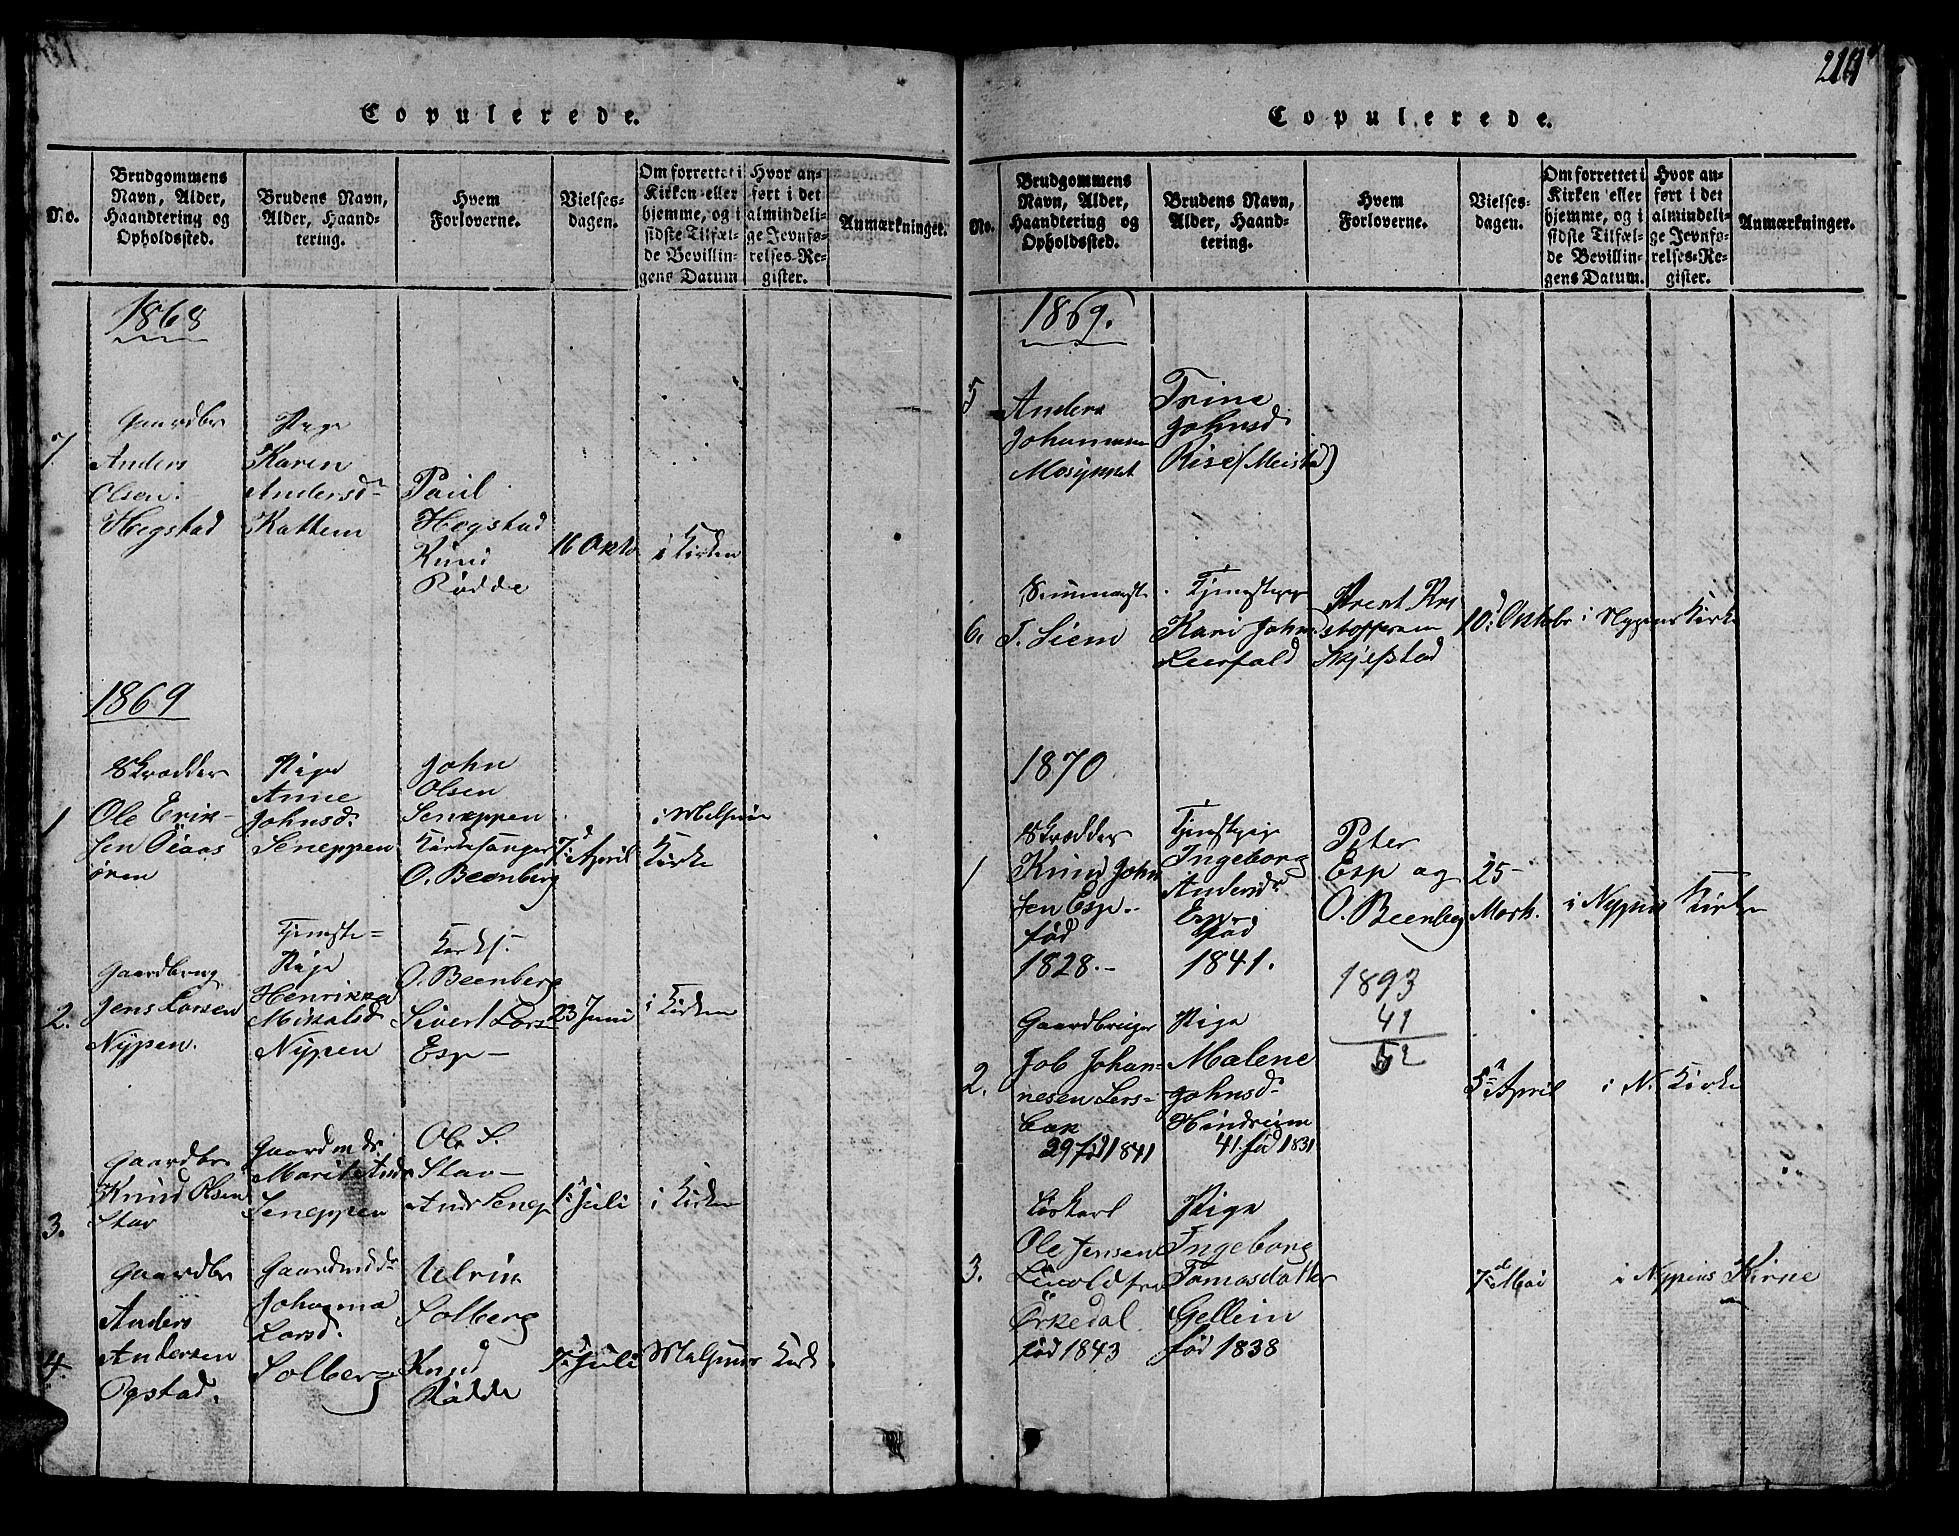 SAT, Ministerialprotokoller, klokkerbøker og fødselsregistre - Sør-Trøndelag, 613/L0393: Klokkerbok nr. 613C01, 1816-1886, s. 214